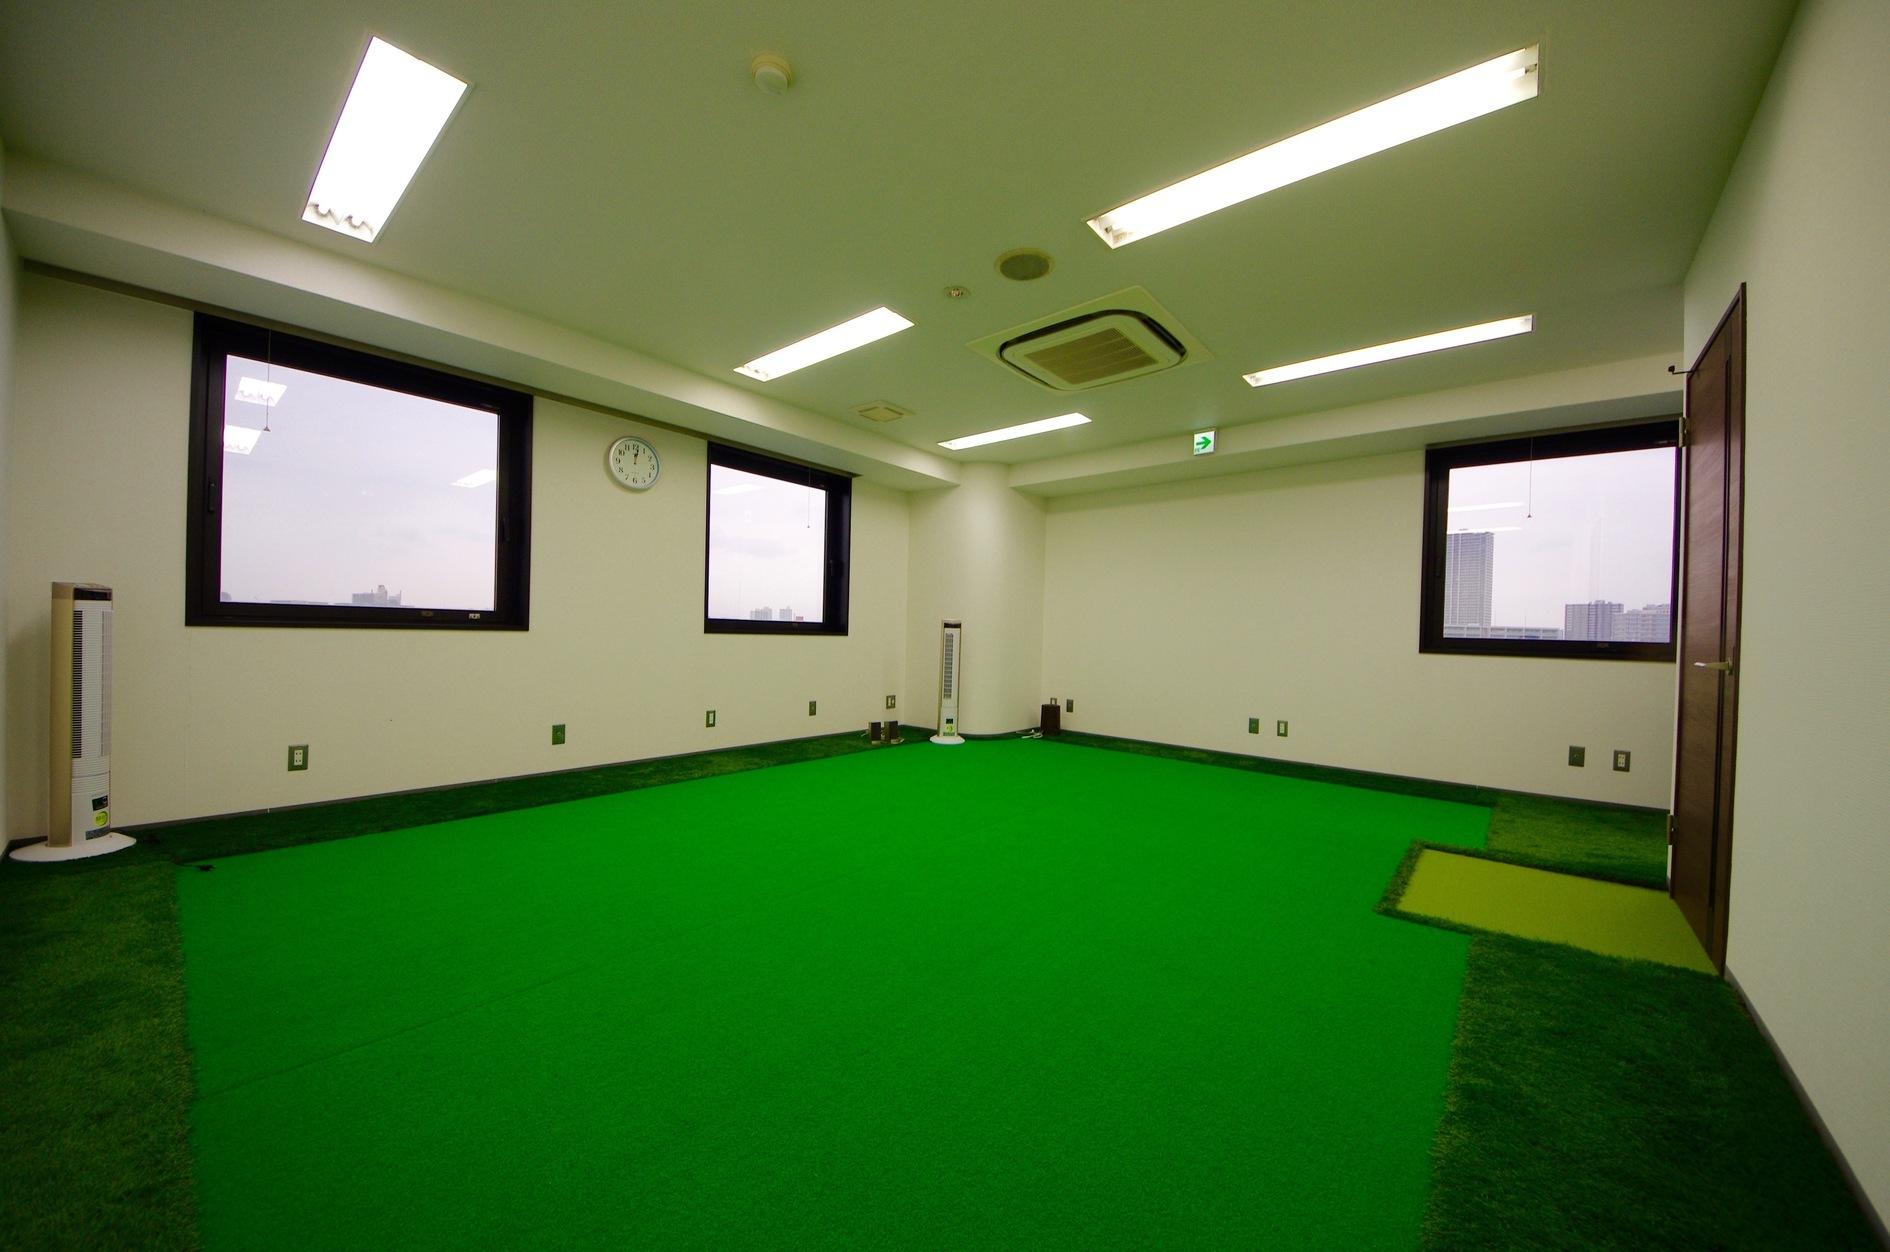 人工芝のフリースペース!個室付き!(人工芝のフリースペース!個室付き!トレーニングからイベントまで用途自由!) の写真0